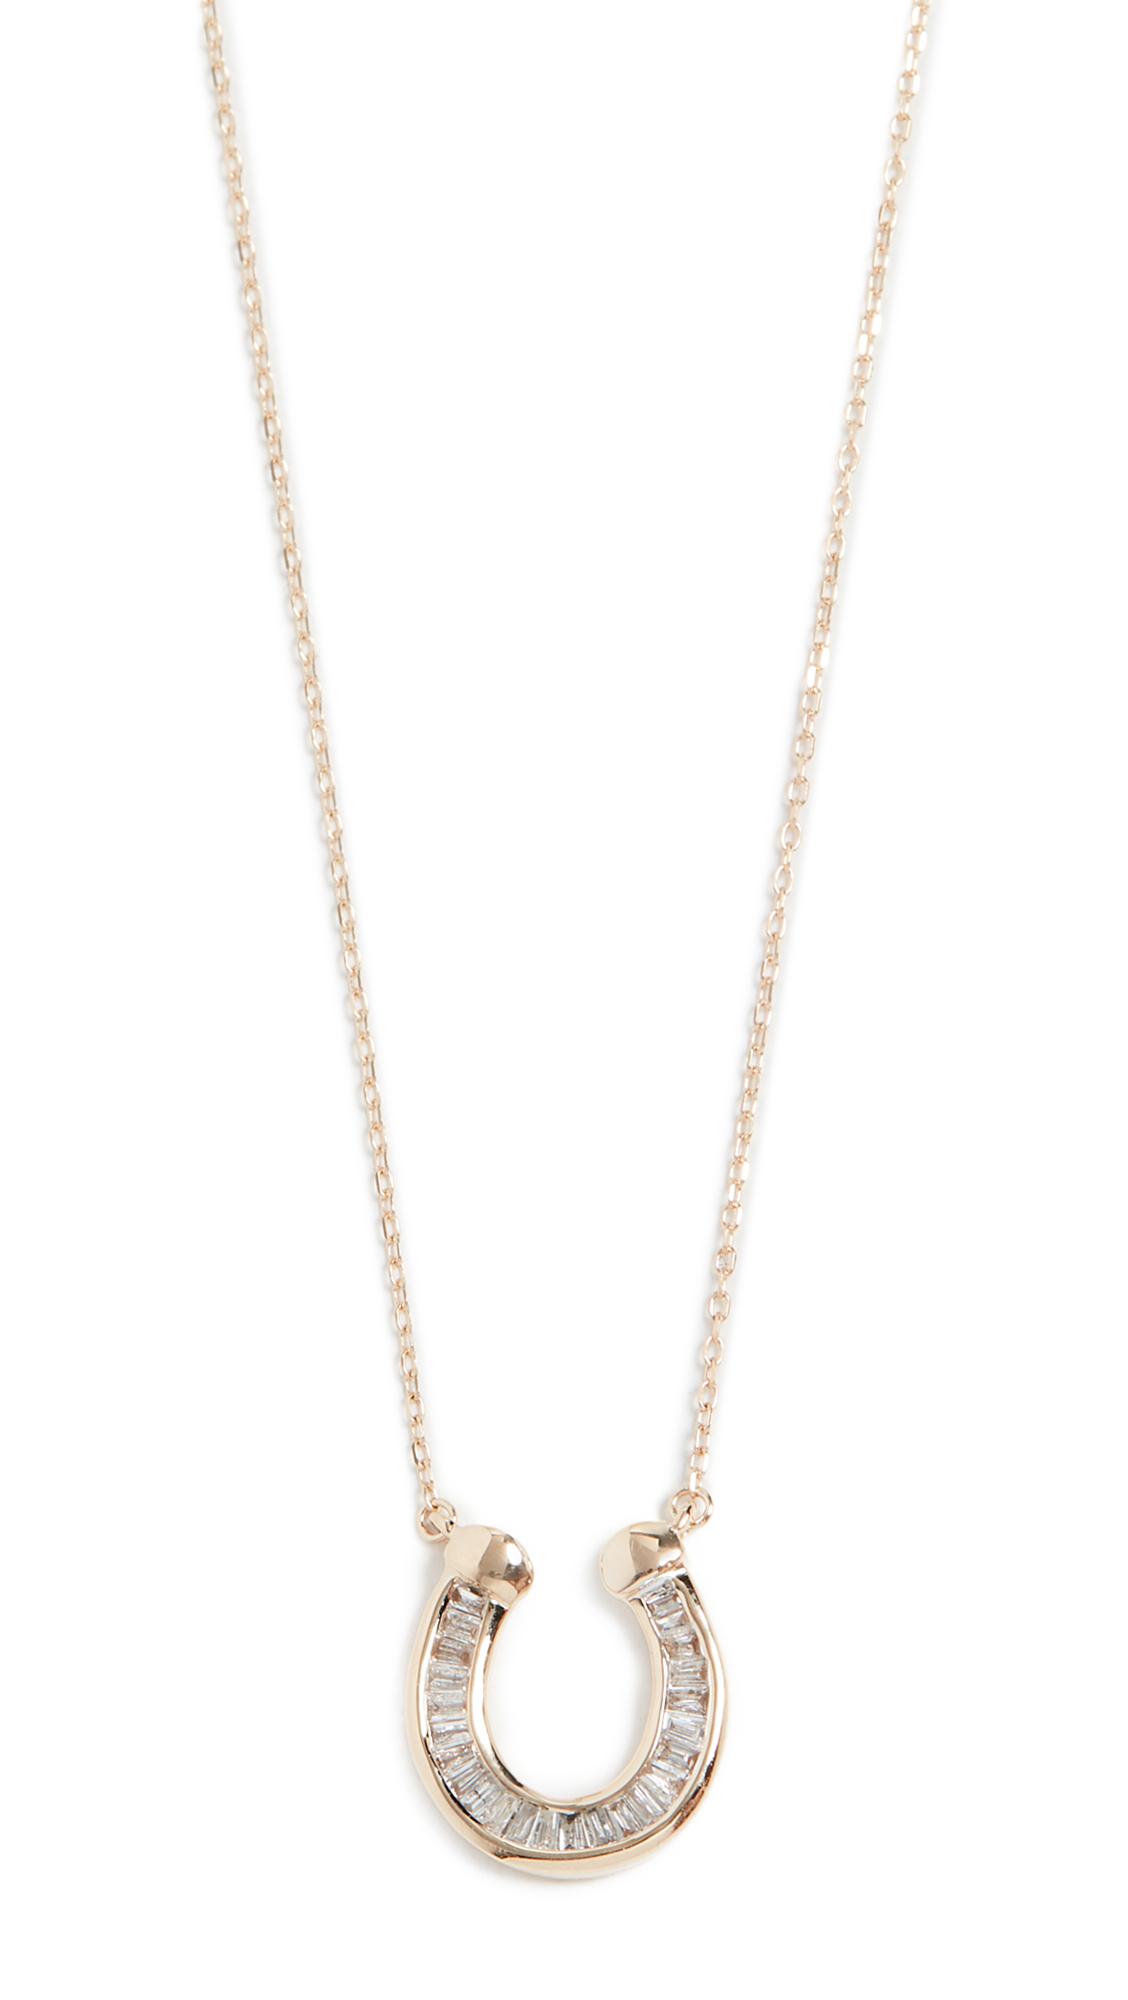 Adina Reyter Baguette Horseshoe Necklace - Yellow Gold